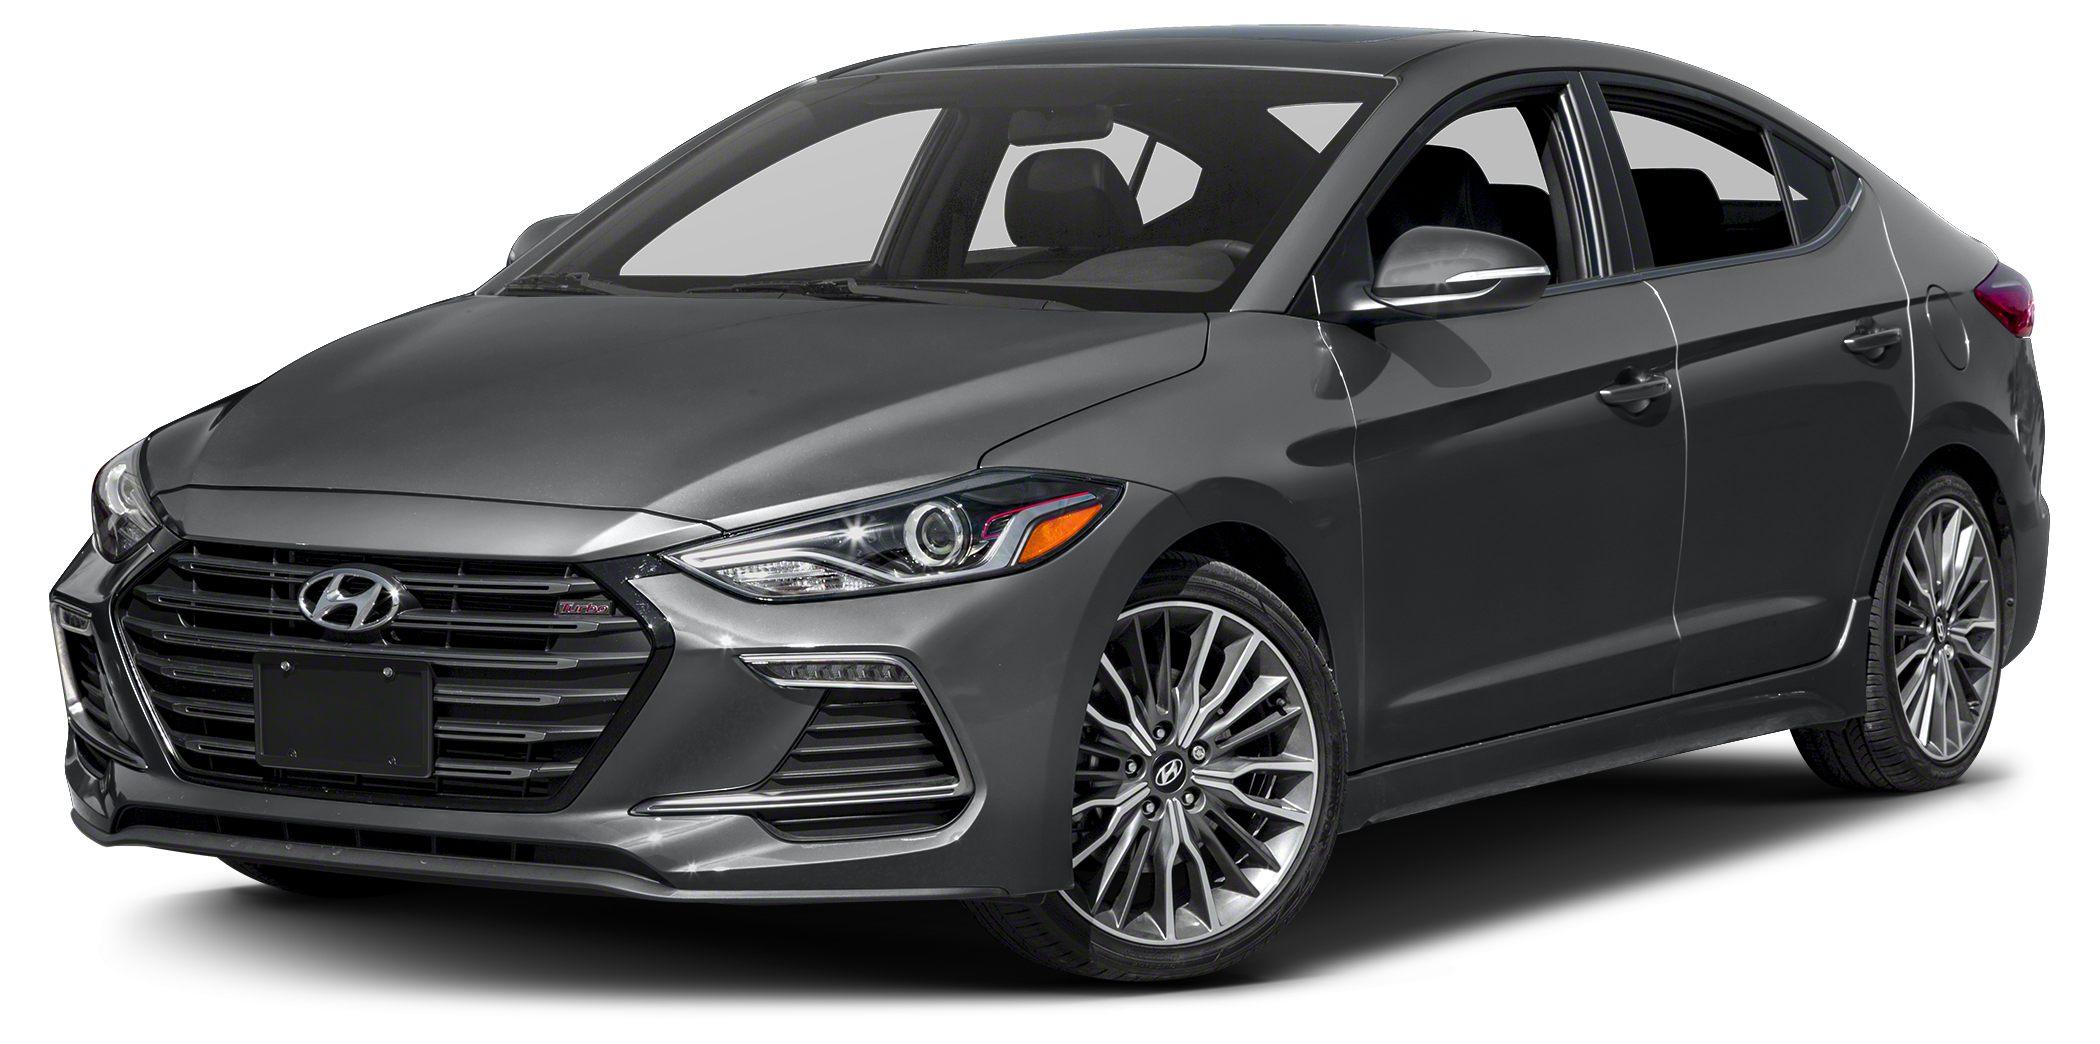 2017 Hyundai Elantra Sport 2017 Hyundai Elantra Sport 4-Wheel Disc Brakes 6 Speakers ABS brakes